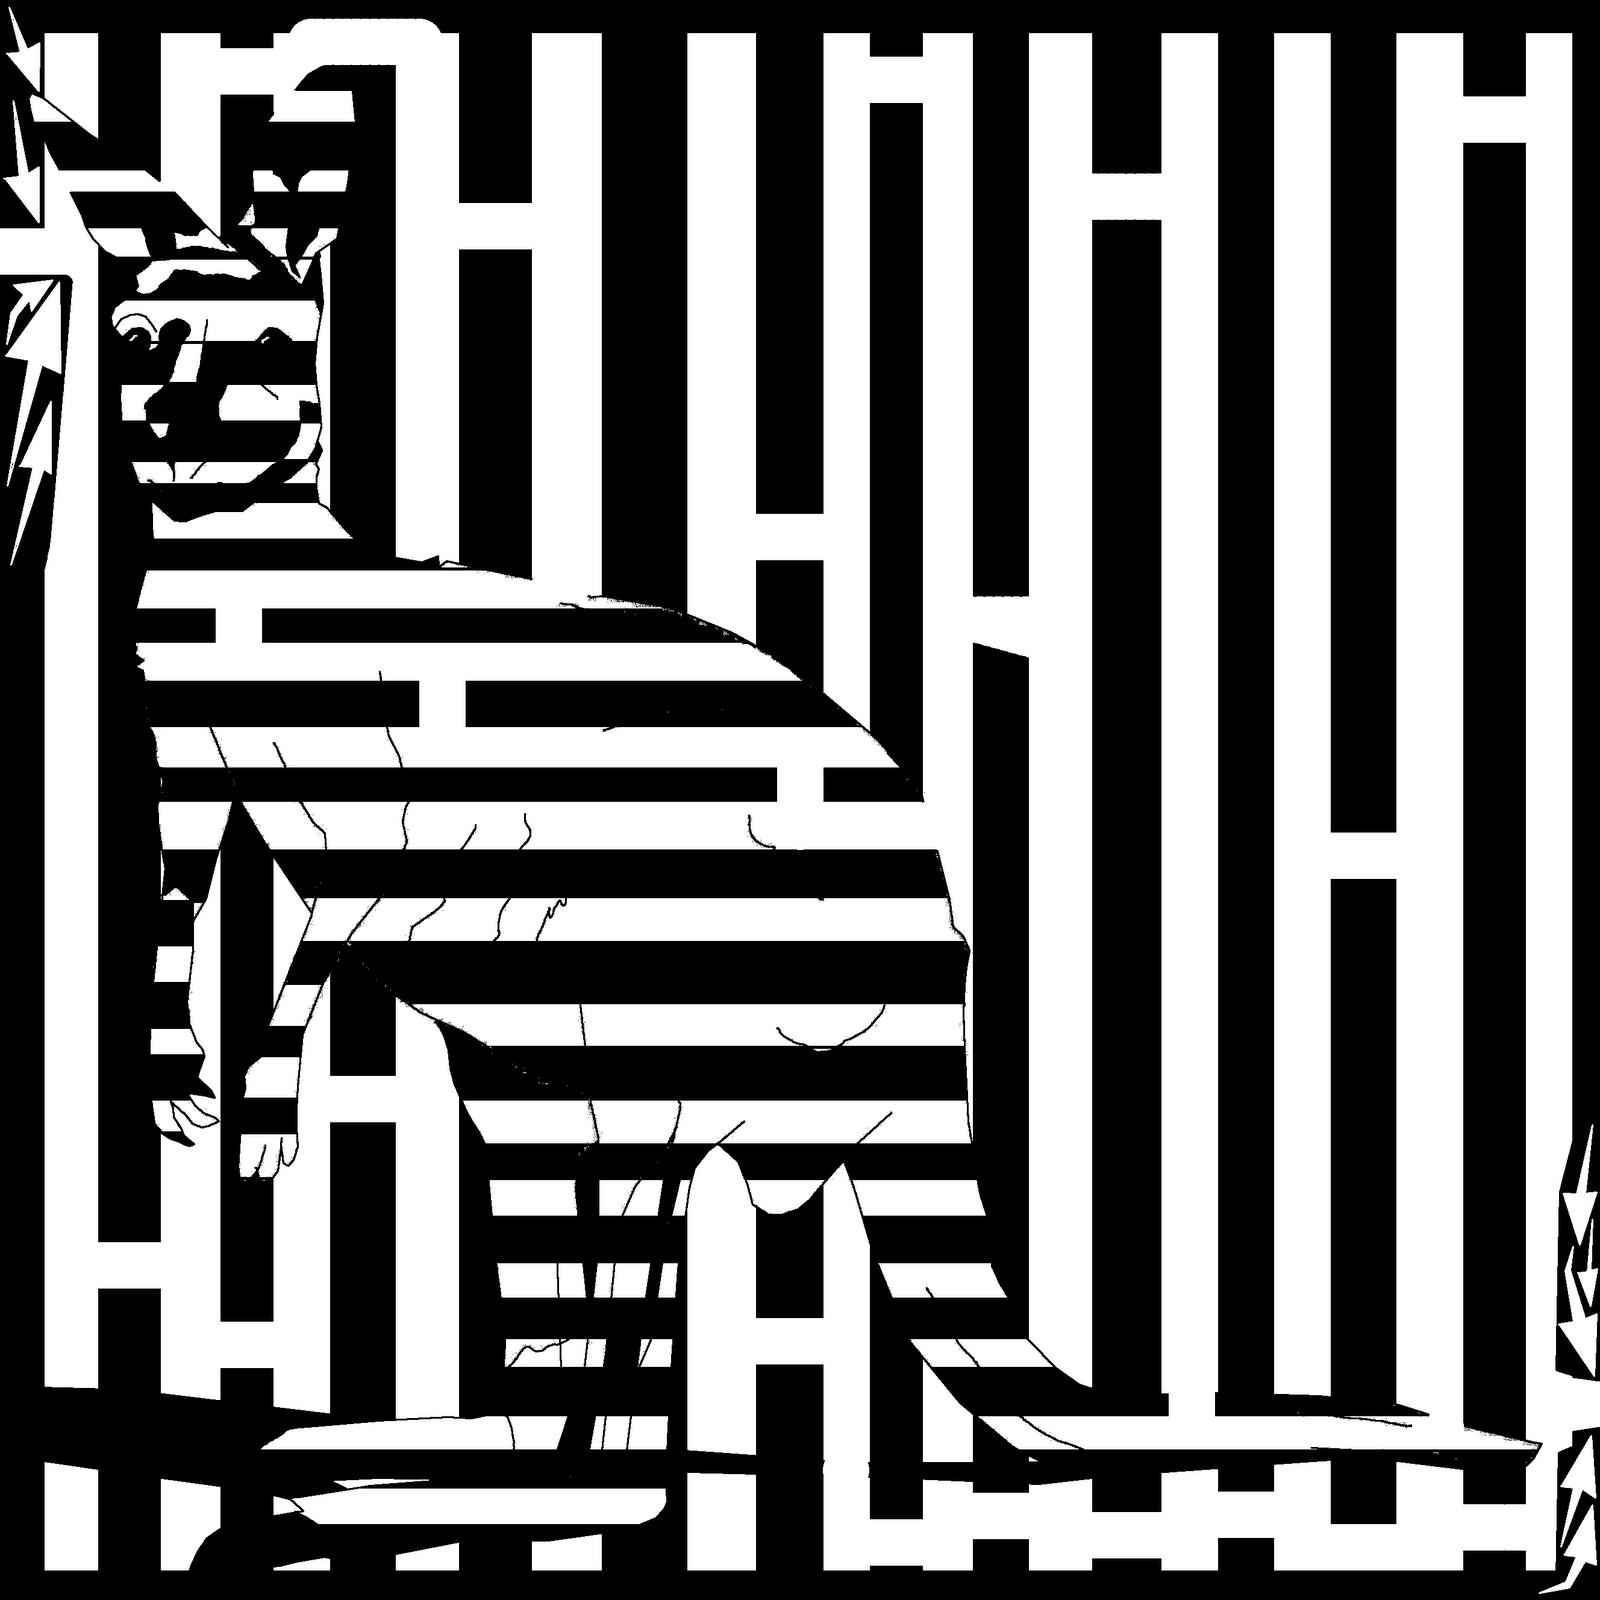 maze kangaroo optical illusion yonatan frimer artist night drawing mazes